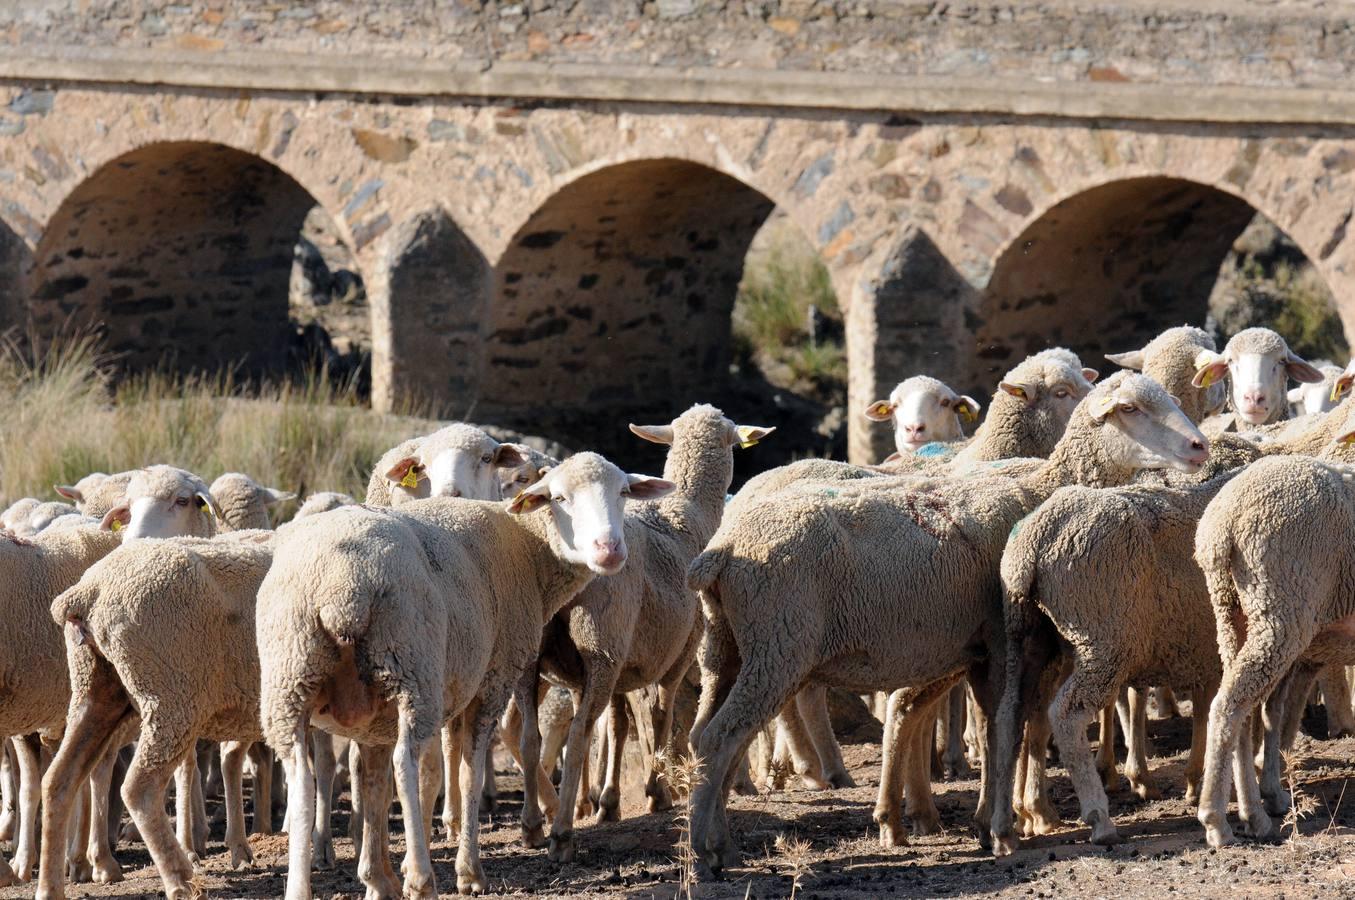 El ovino extremeños rompe fronteras